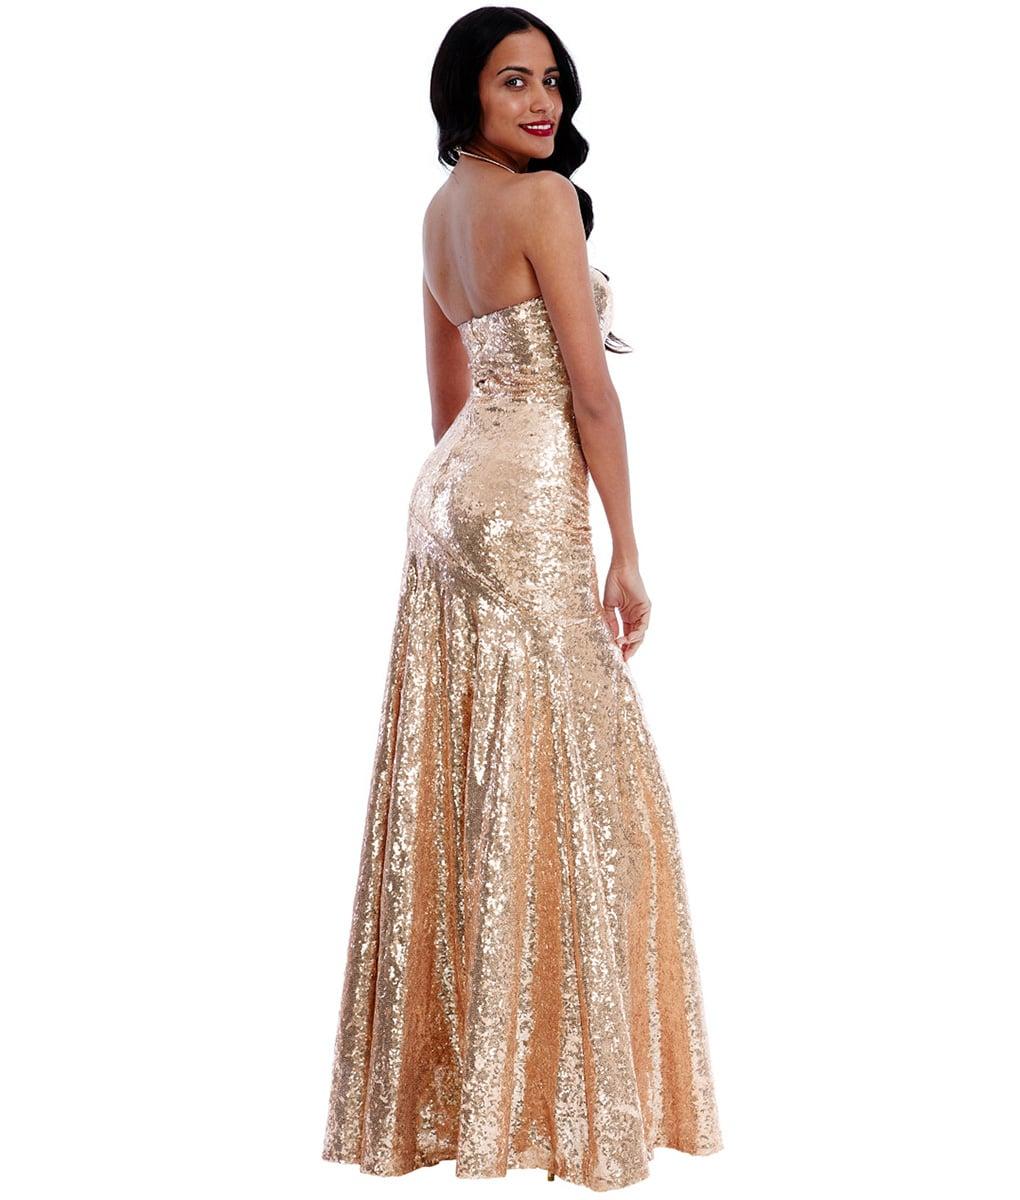 Alila-Chamagne-luxe-sequin-strapless-full-length-dress-city-goddess